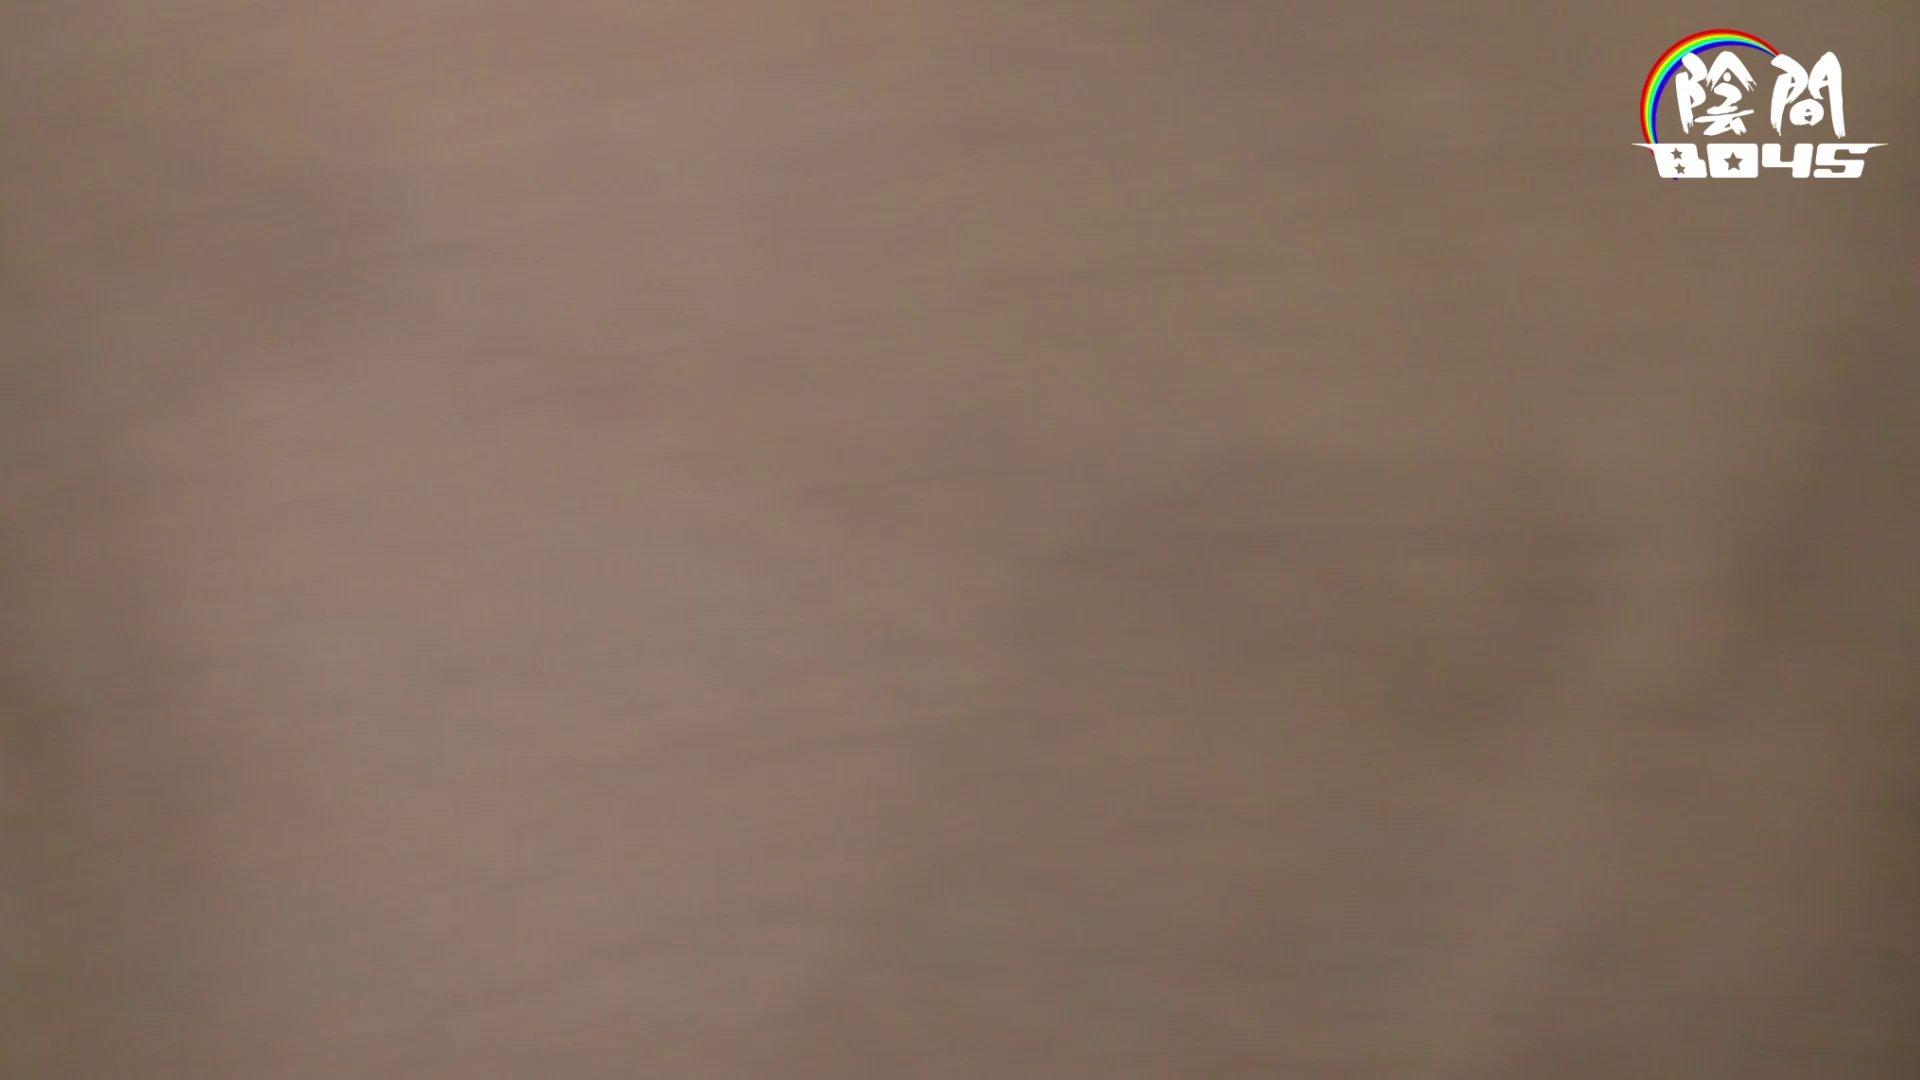 「君のアナルは」part1  ~ノンケの掟破り~Vol.01 ノンケ天国 ゲイエロビデオ画像 85pic 74